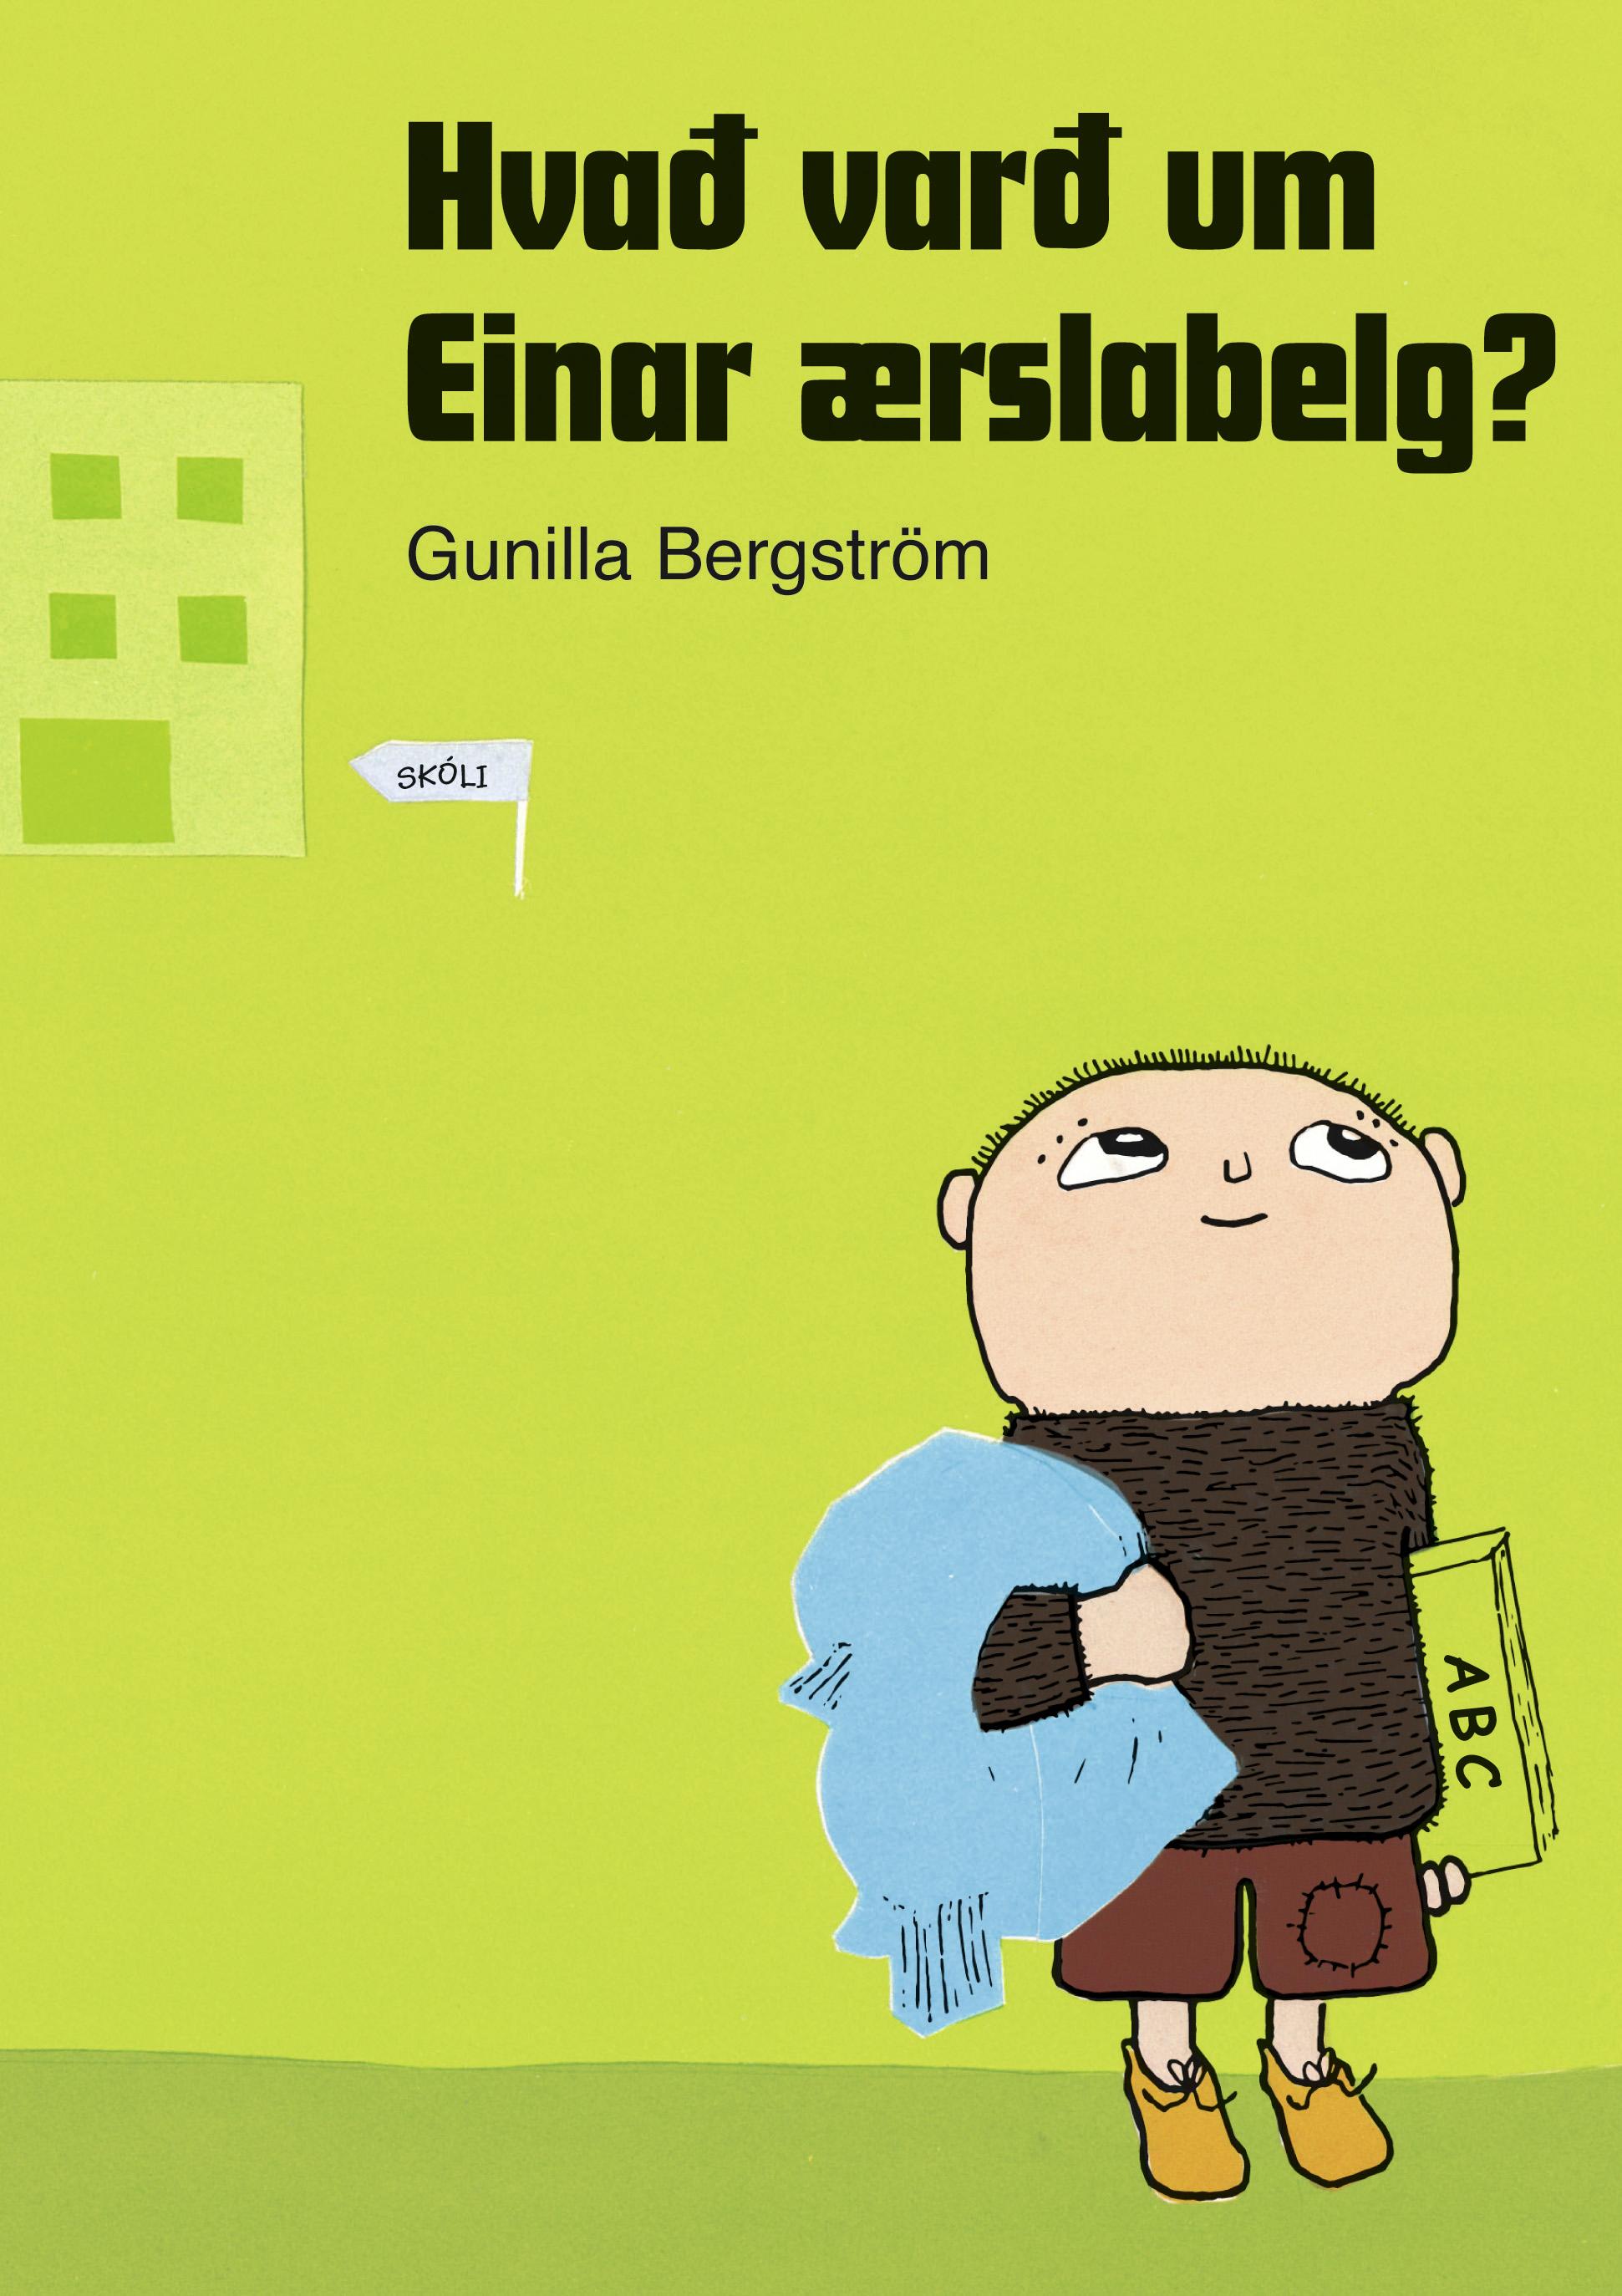 Hvað varð um Einar ærslabelg?